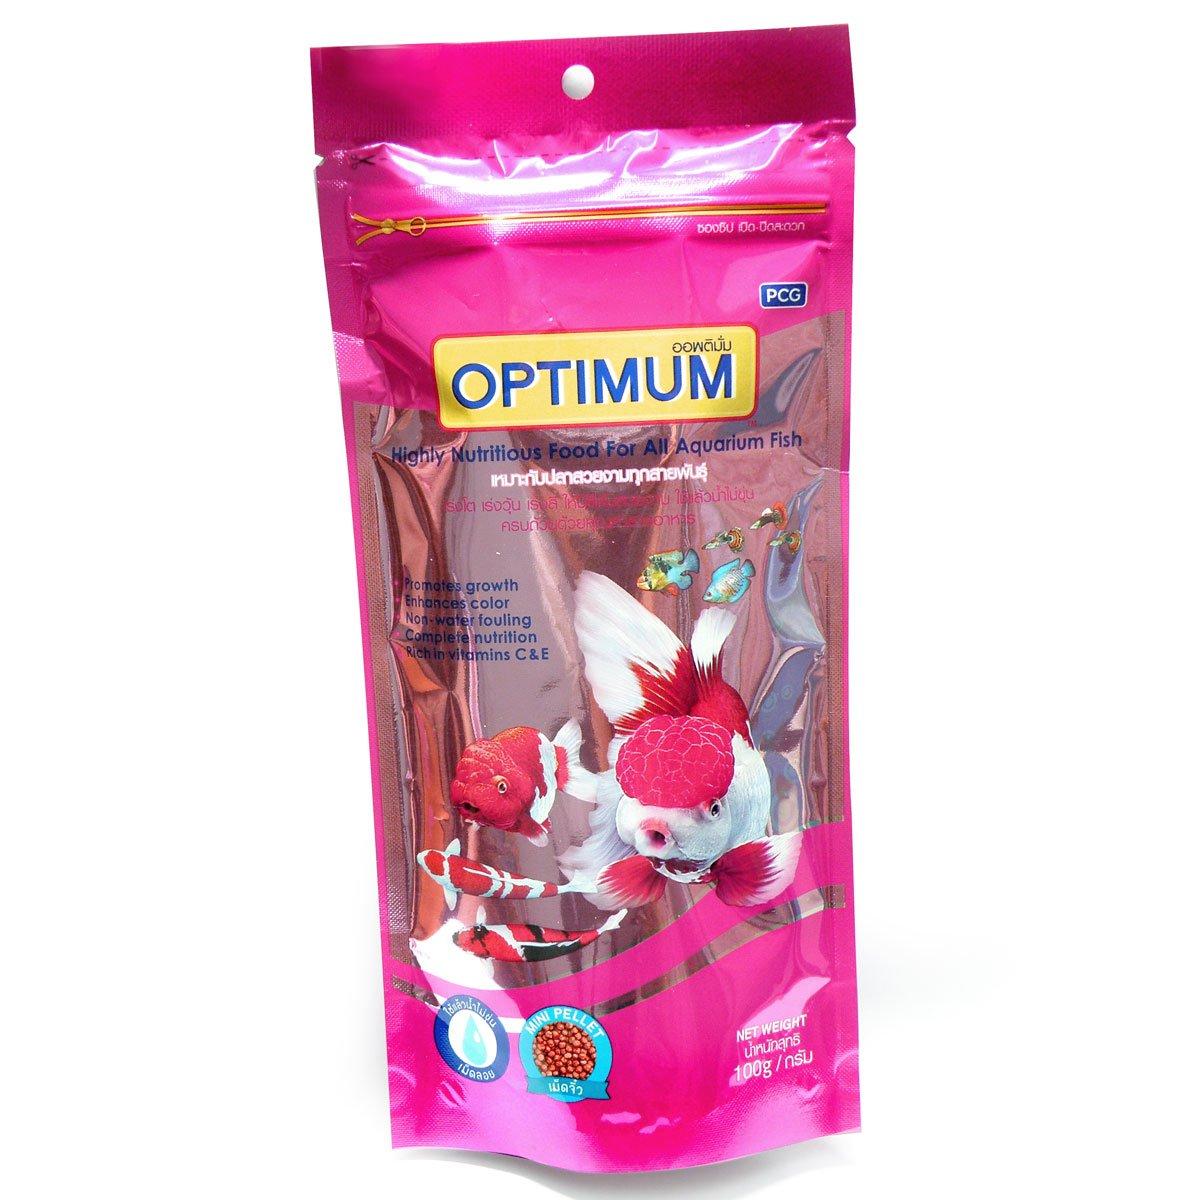 Aquarium fish tank snapdeal - Lagoon Aqua Cp Optimum 100g Aquarium Fish Food Available At Amazon For Rs